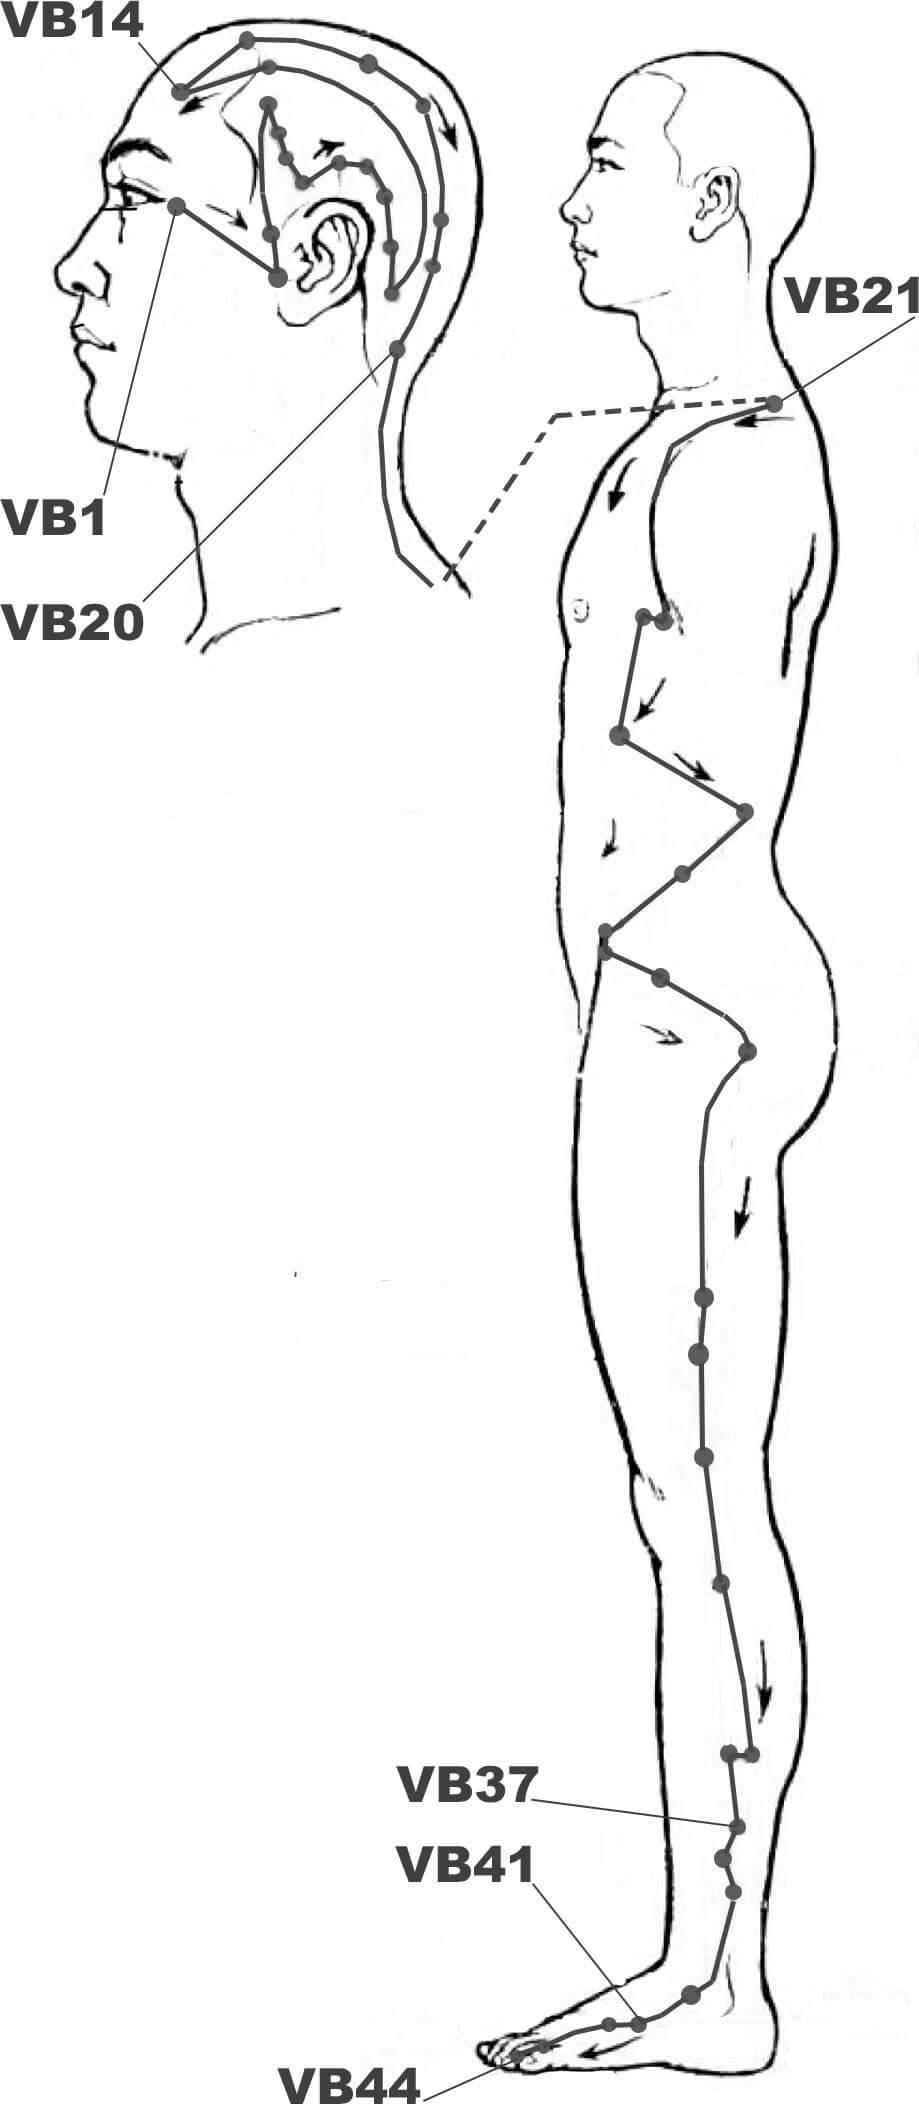 Méridien de la Vésicule Biliaire